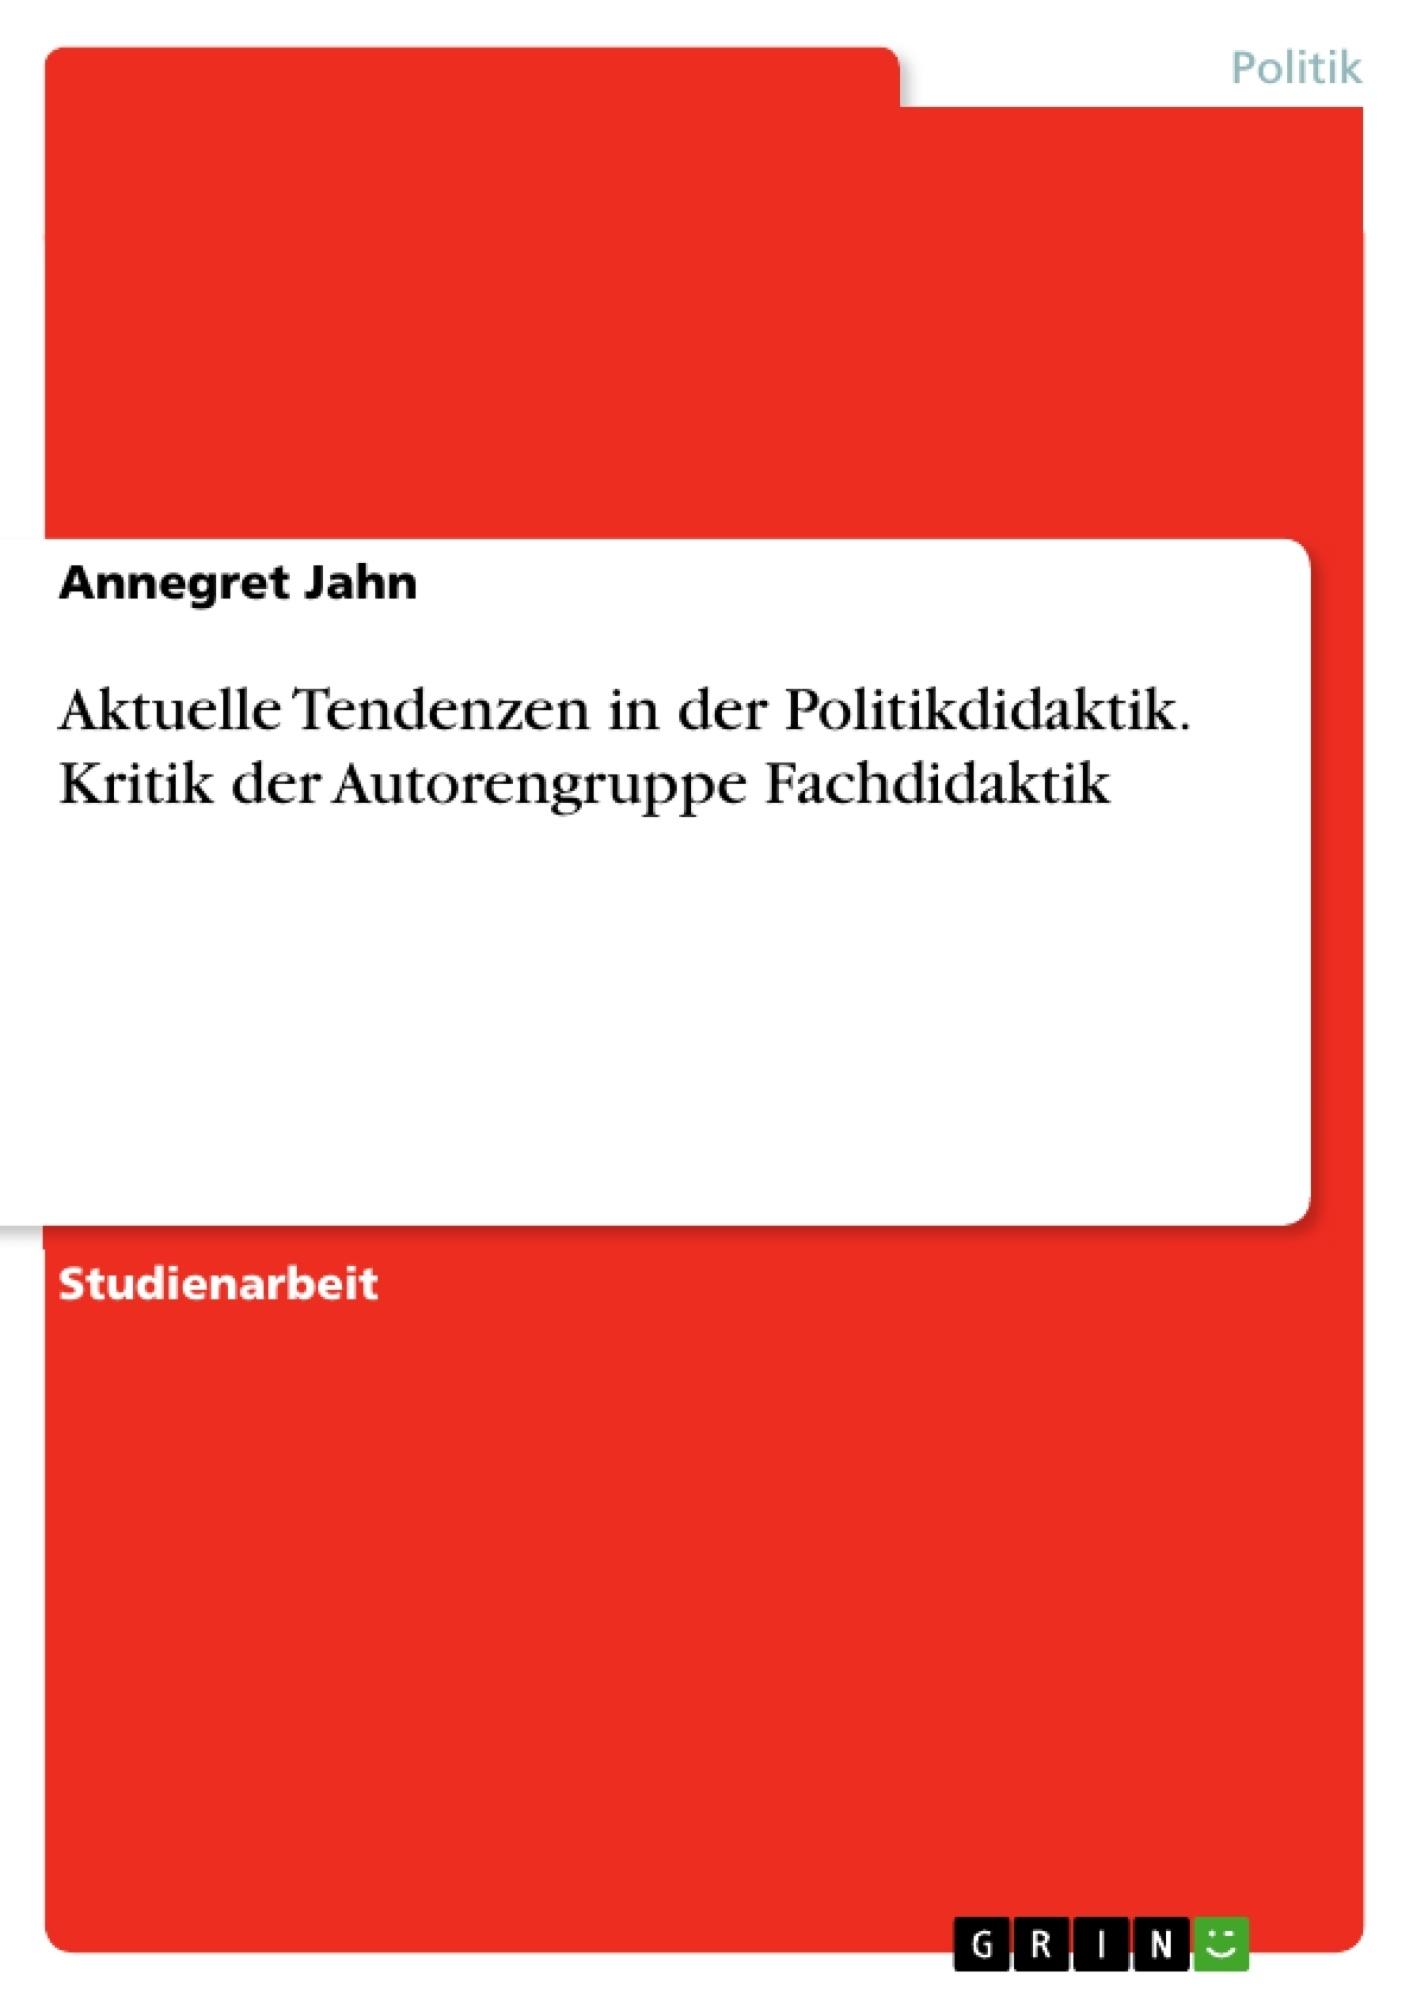 Titel: Aktuelle Tendenzen in der Politikdidaktik. Kritik der Autorengruppe Fachdidaktik